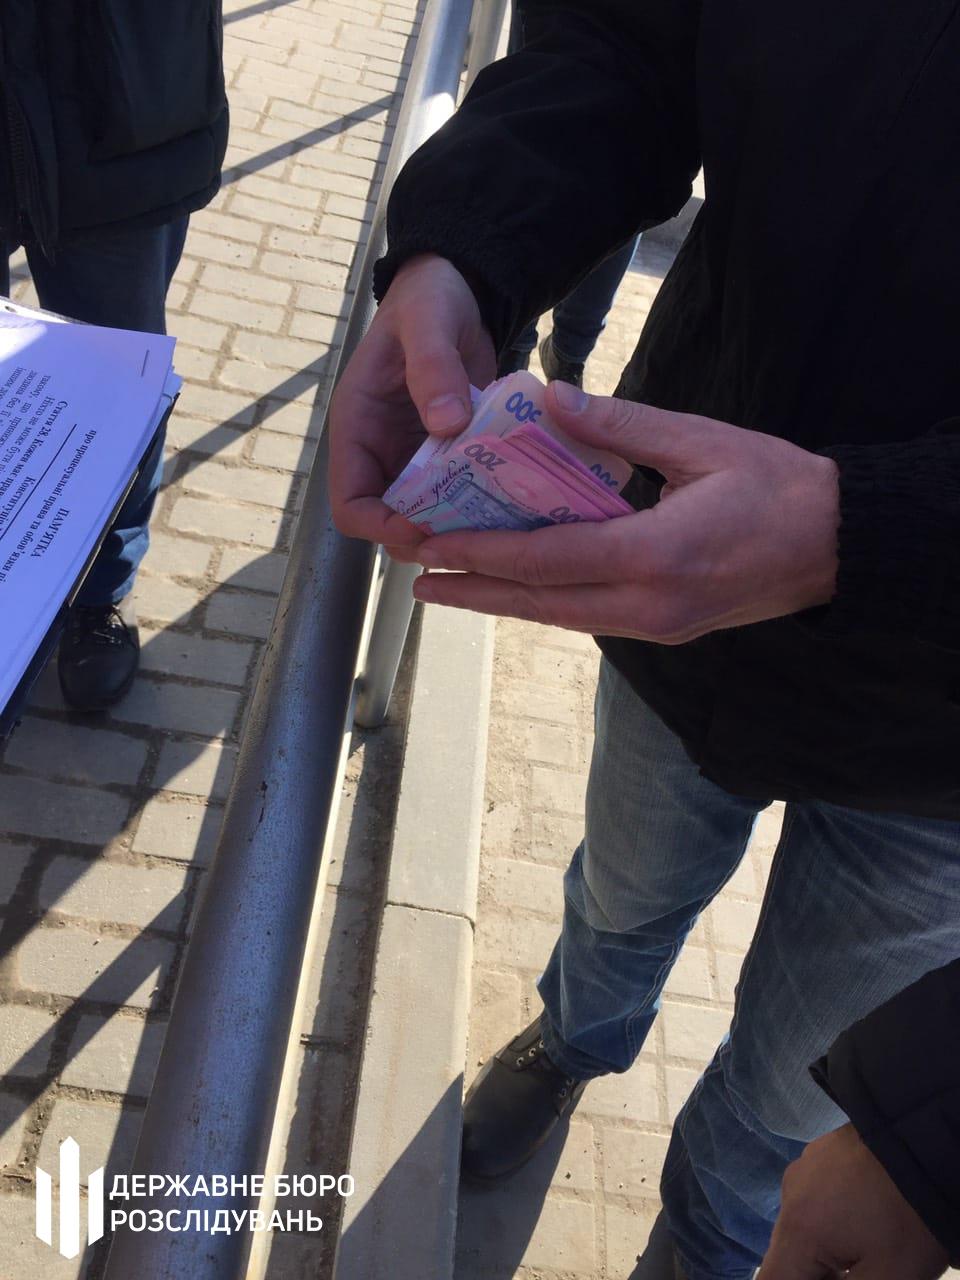 В Запорожье военнослужащий НГУ продавал информацию из базы данных МВД